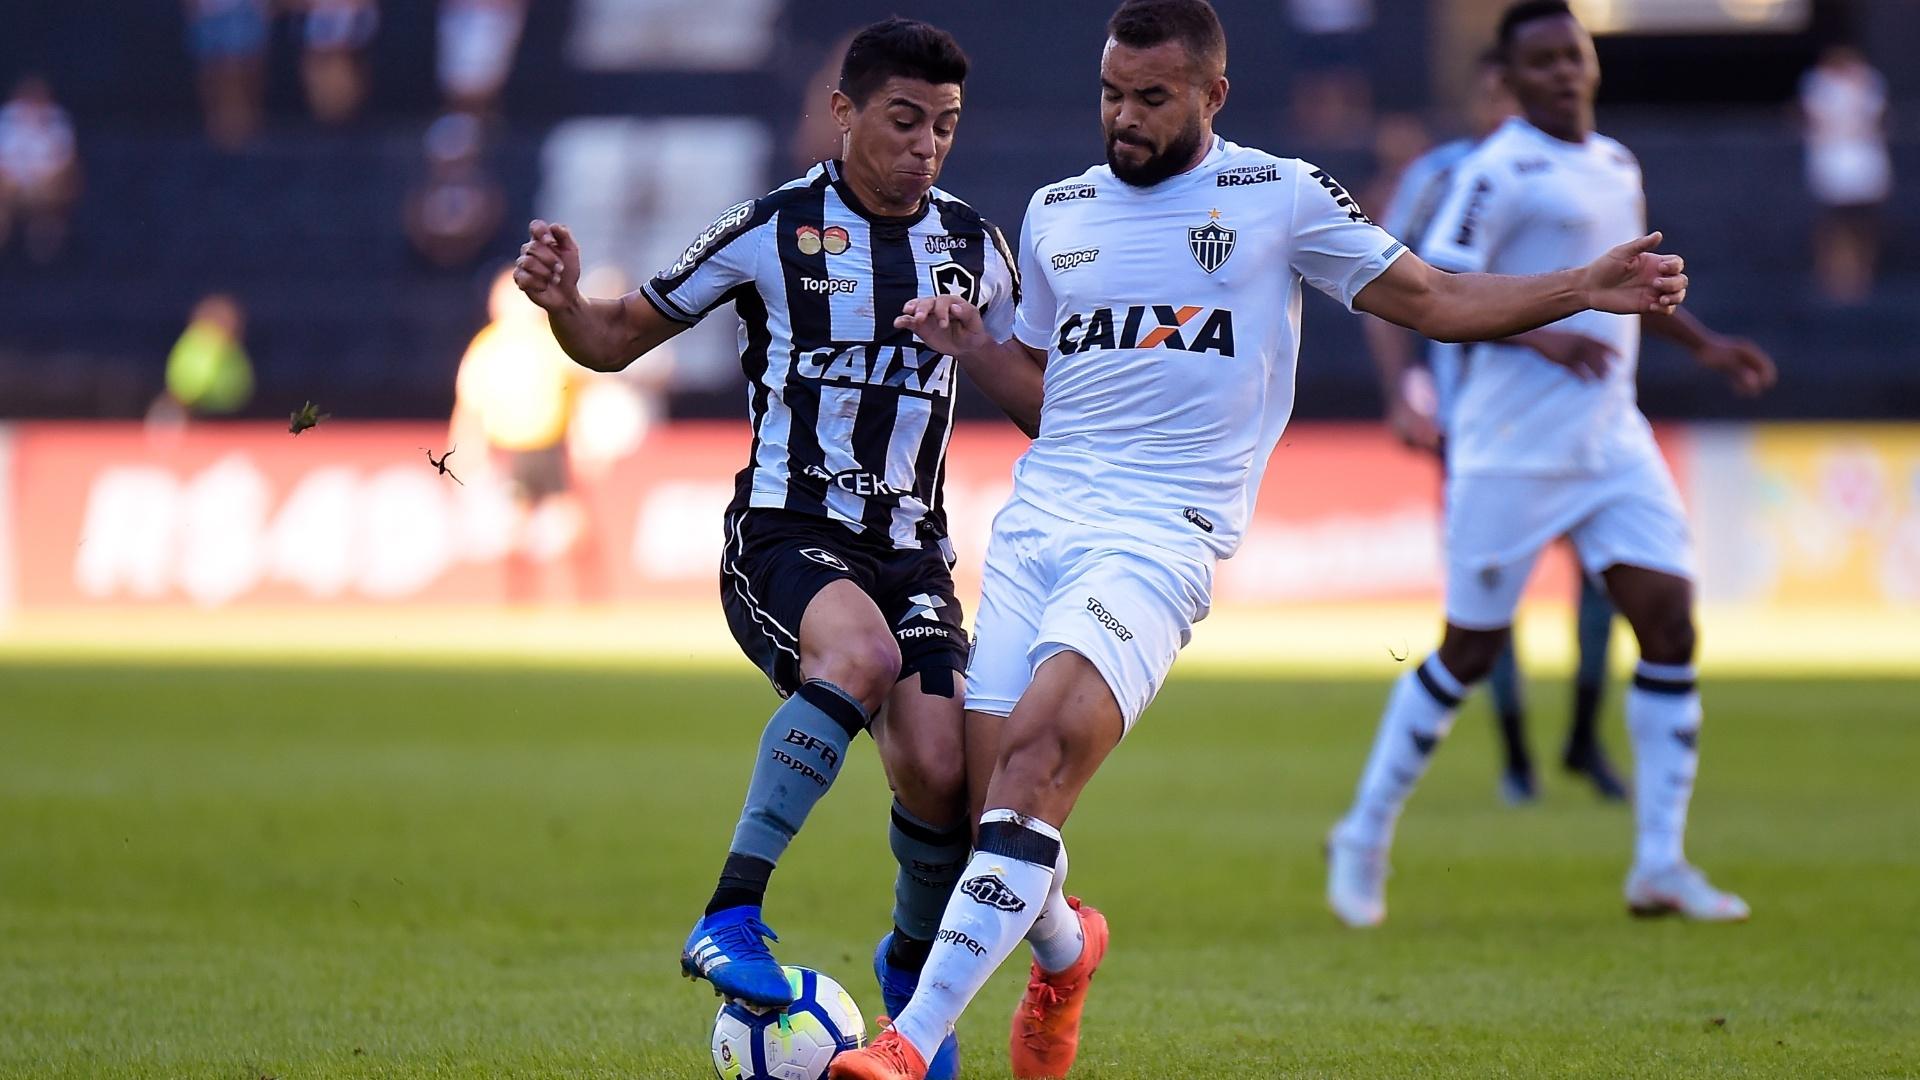 Renatinho e Zé Welison disputam a bola na partida entre Botafogo e Atlético-MG